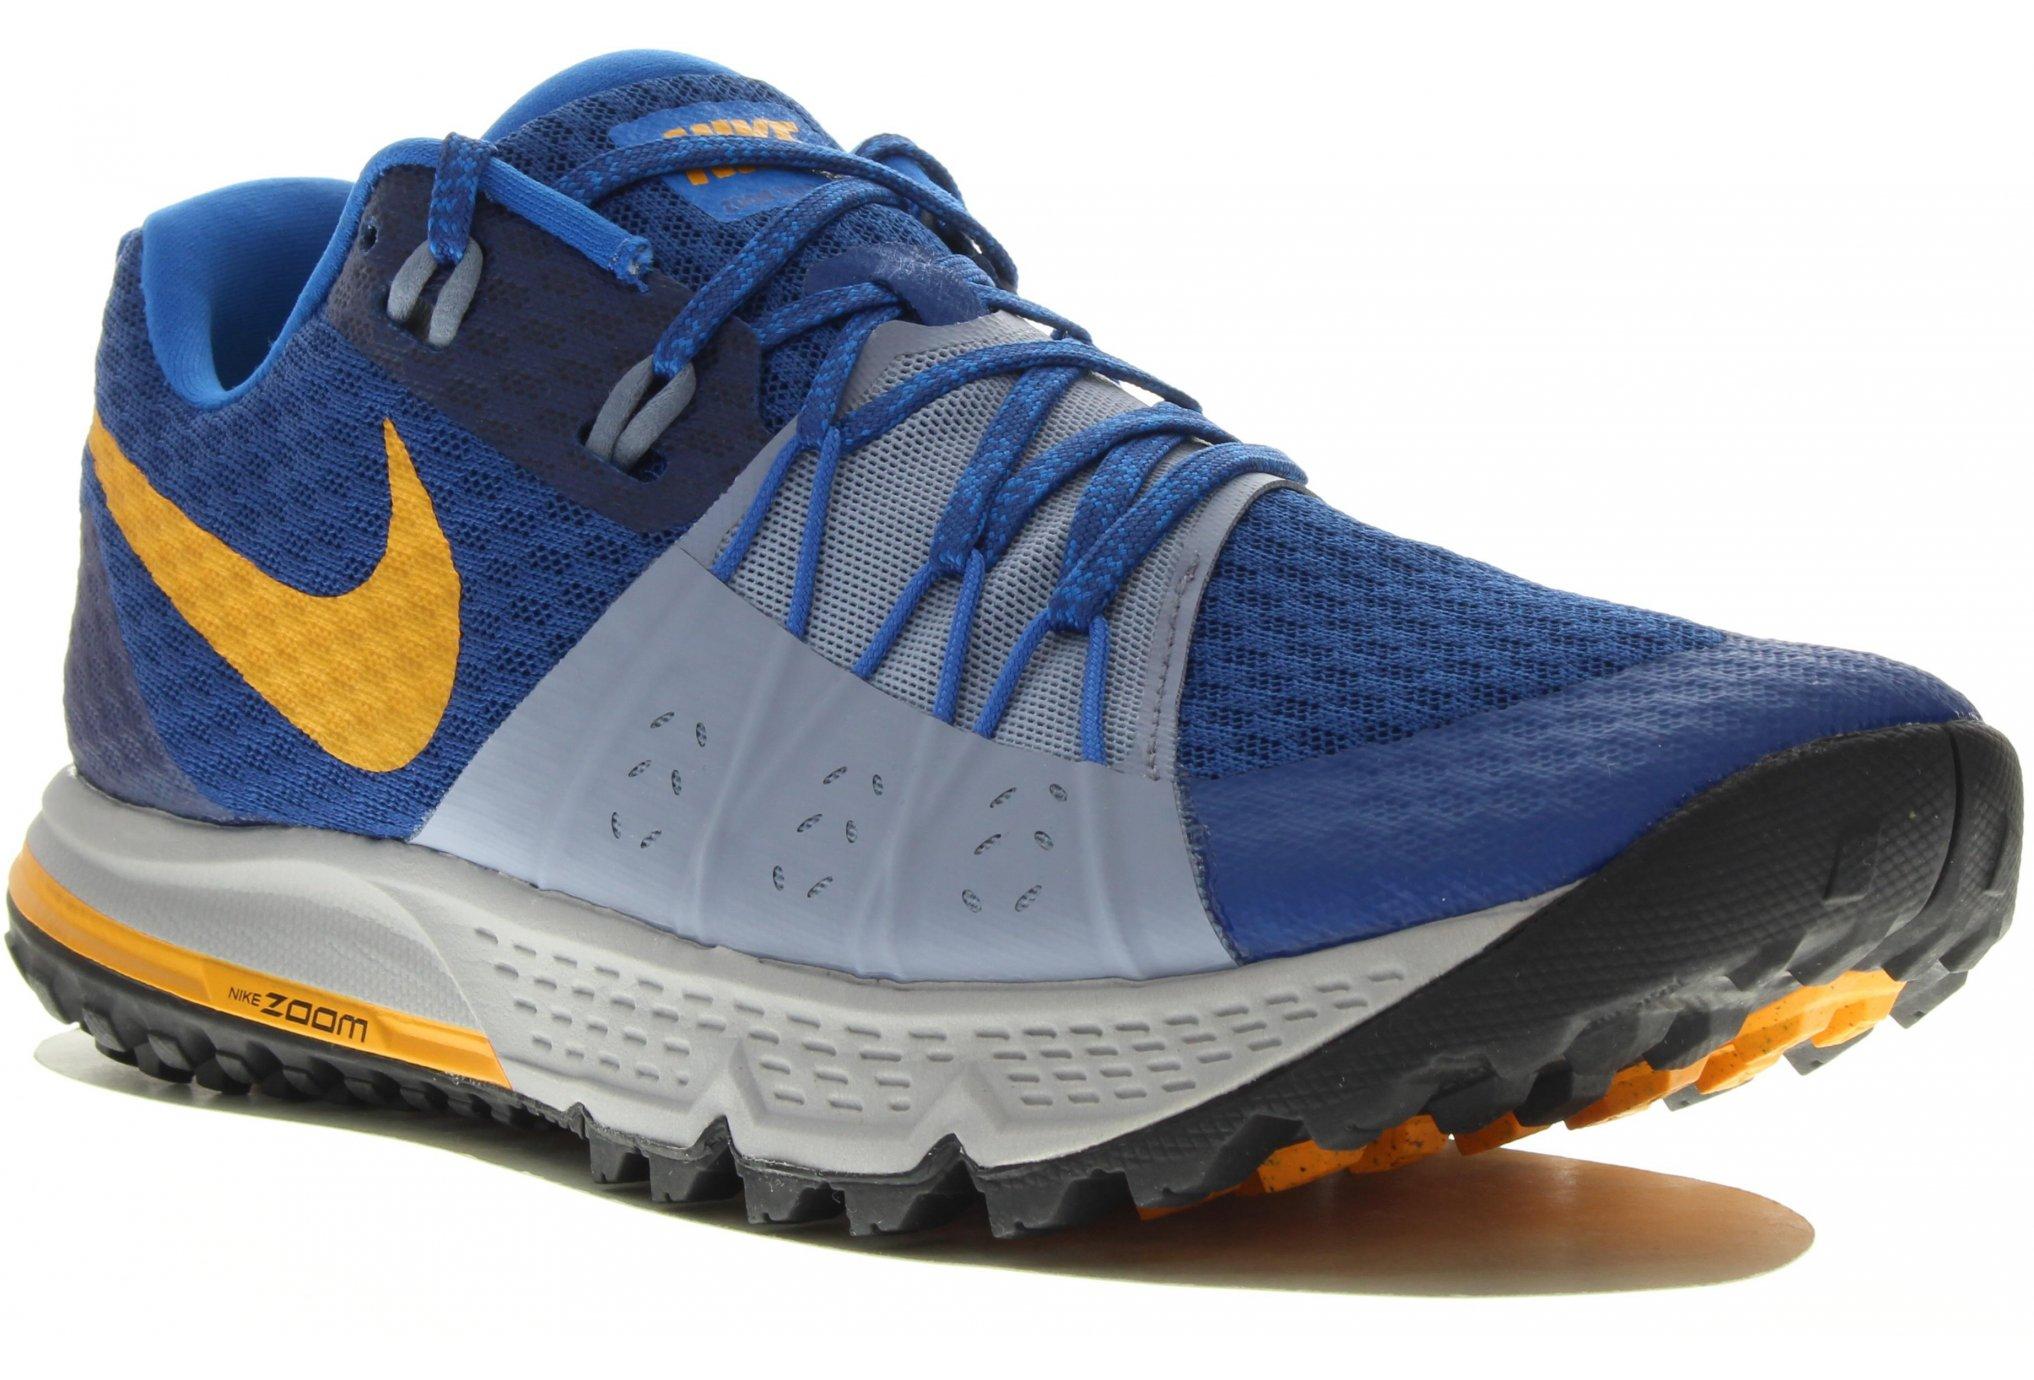 Nike Air Zoom Wildhorse 4 M Diététique Chaussures homme